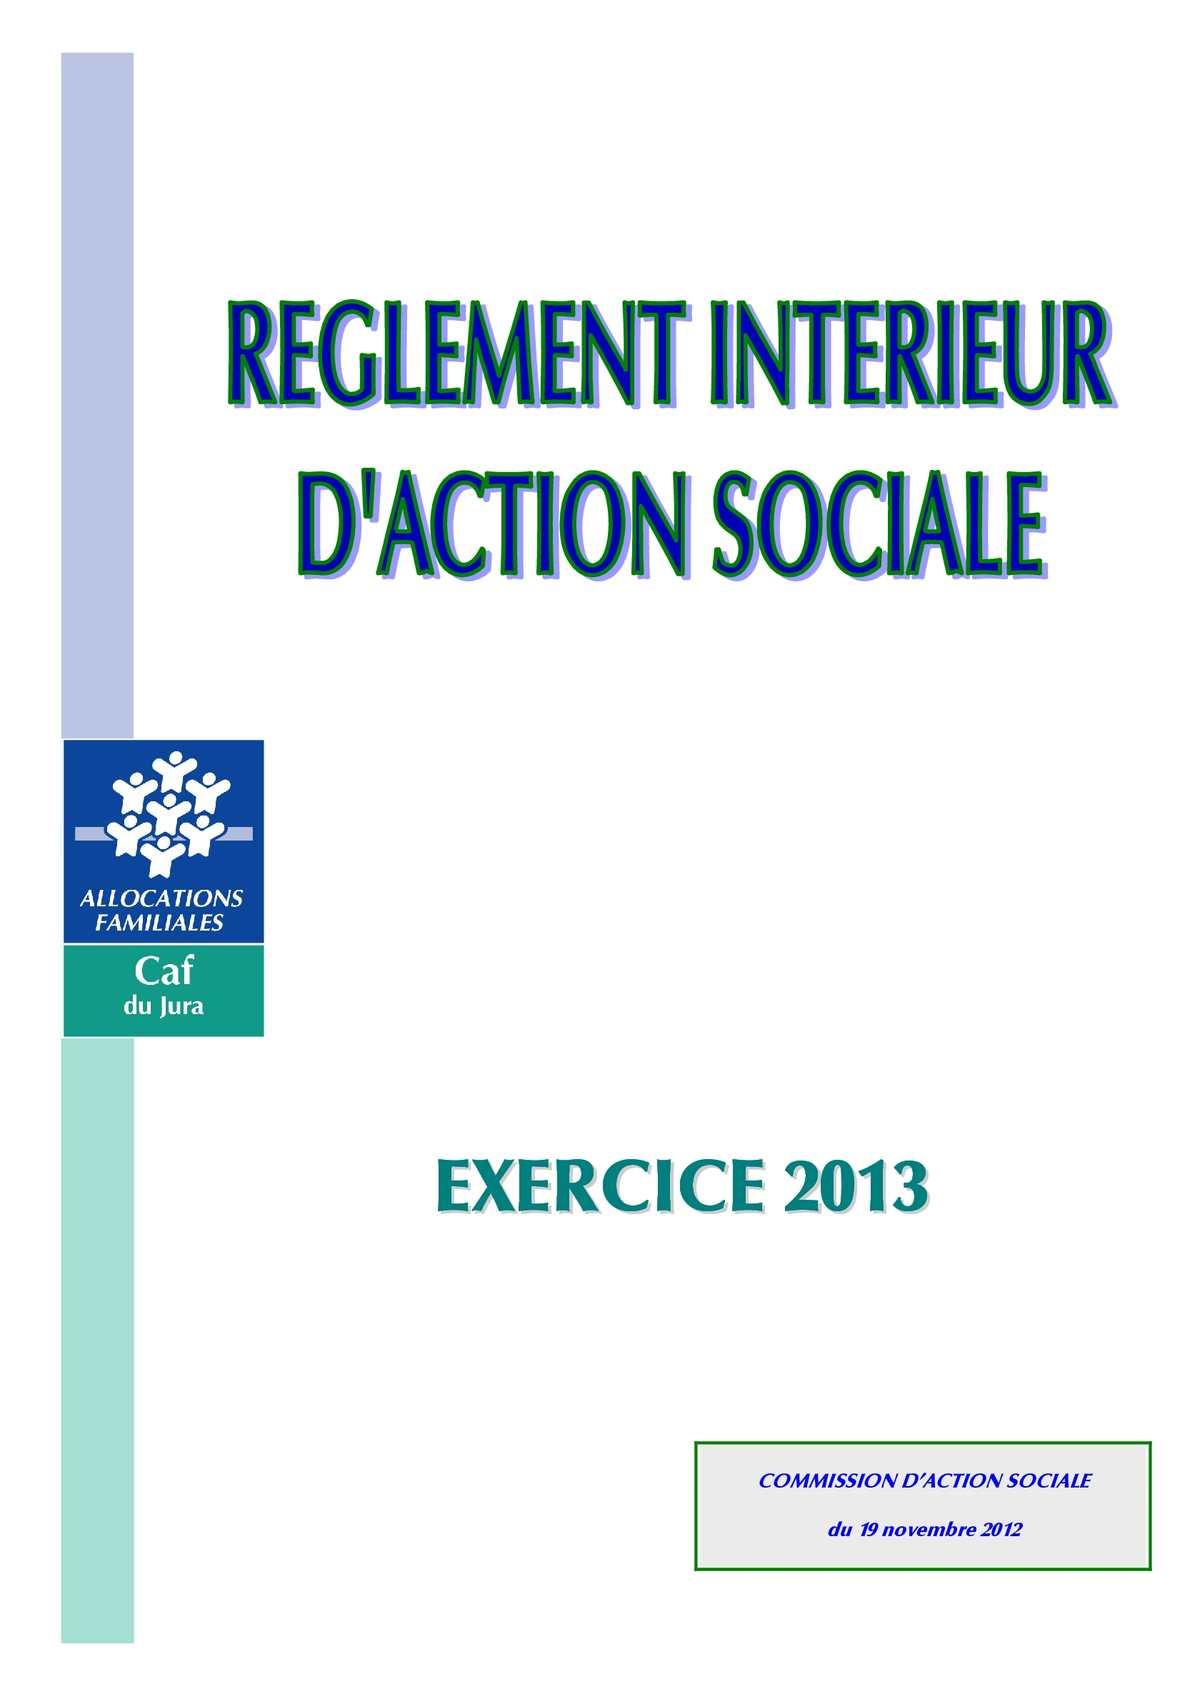 Calameo Caf Du Jura Reglement Interieur Action Sociale 2013